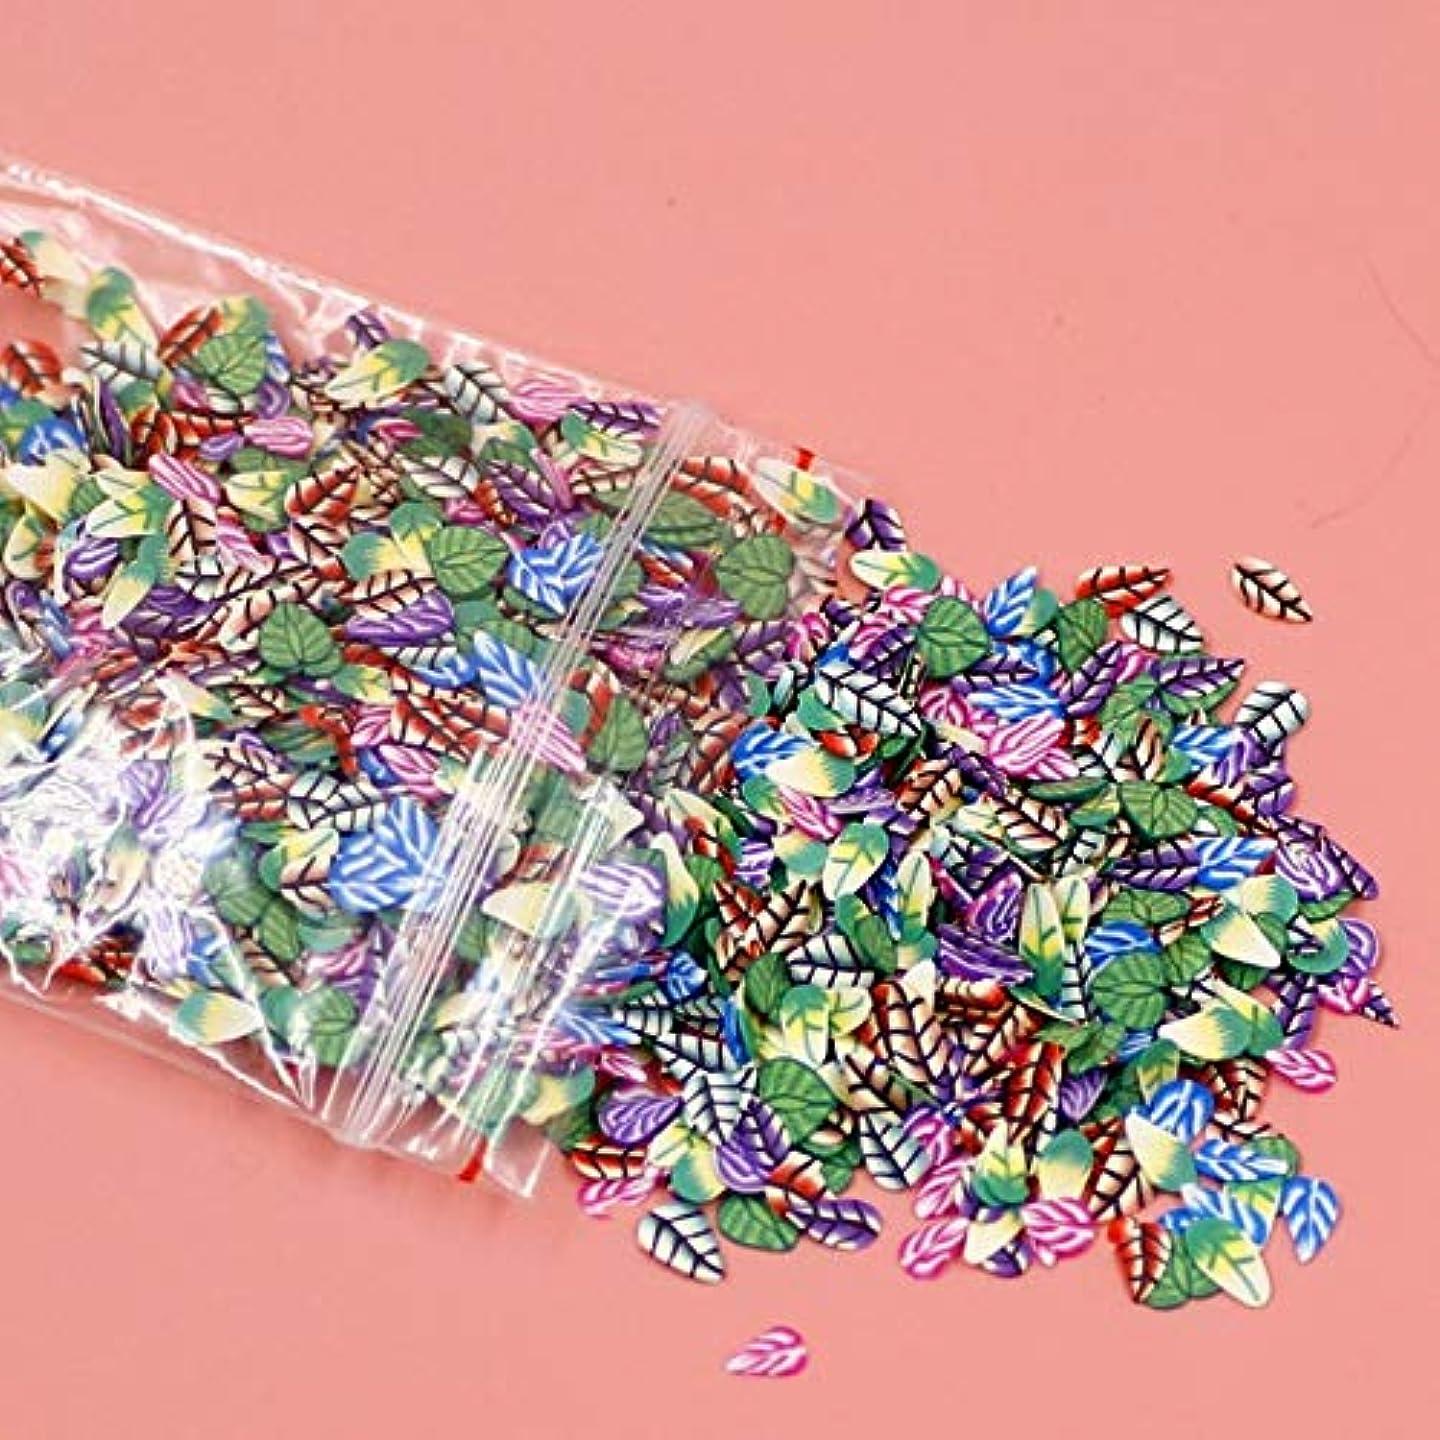 利益家族ぜいたくIntercorey 1000ピース/セット3dネイルアートステッカーフルーツスターネクタイ花ソフトセラミックdiyスライス小さな装飾装飾ネイルデカール